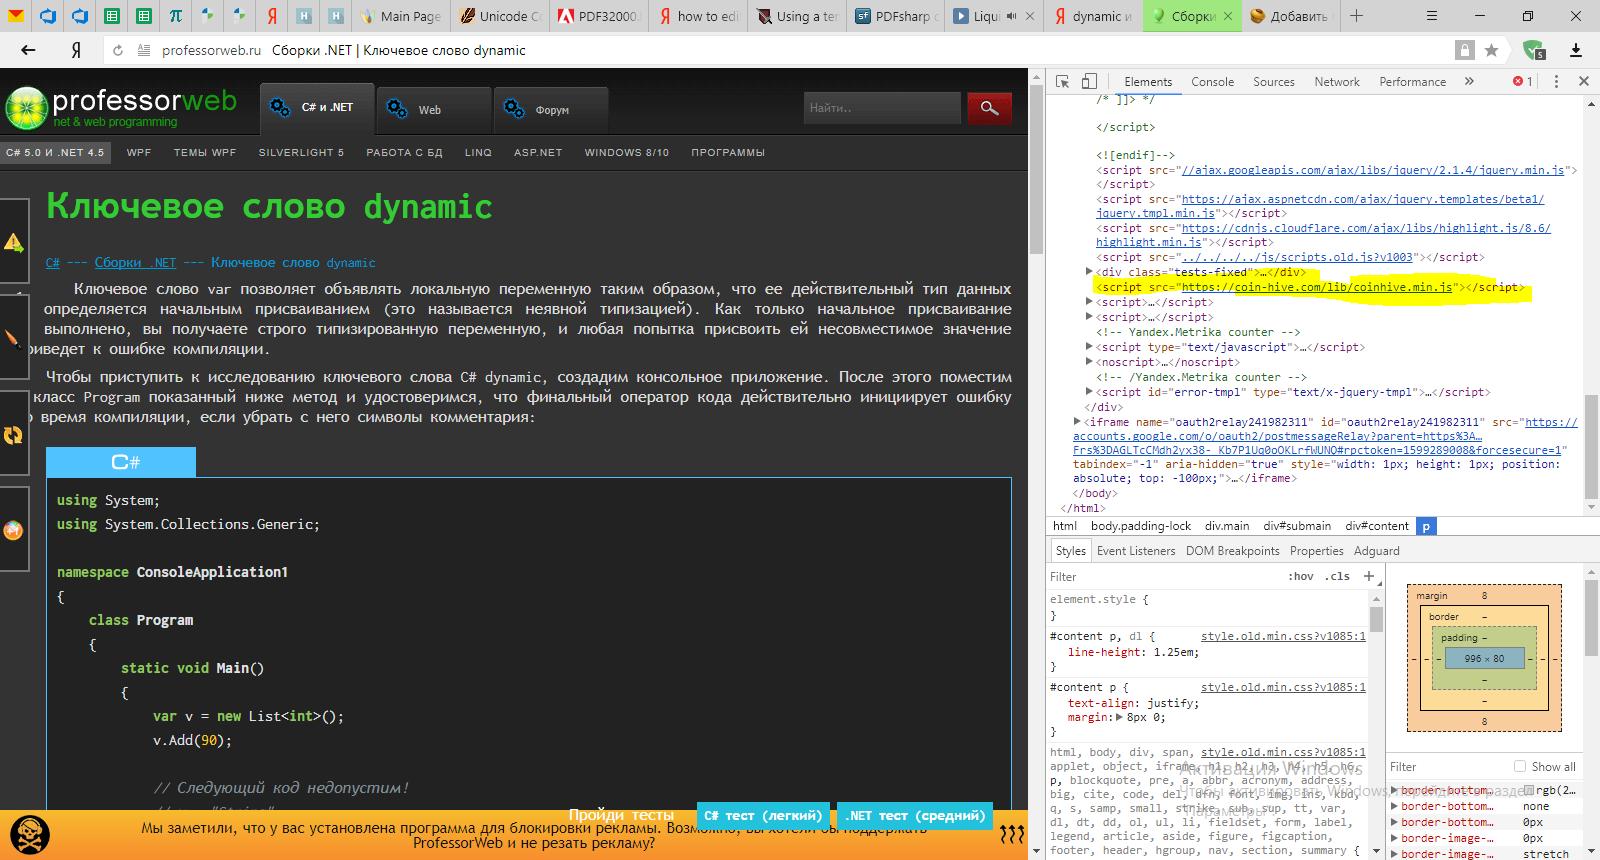 Майнер на professorweb.ru.